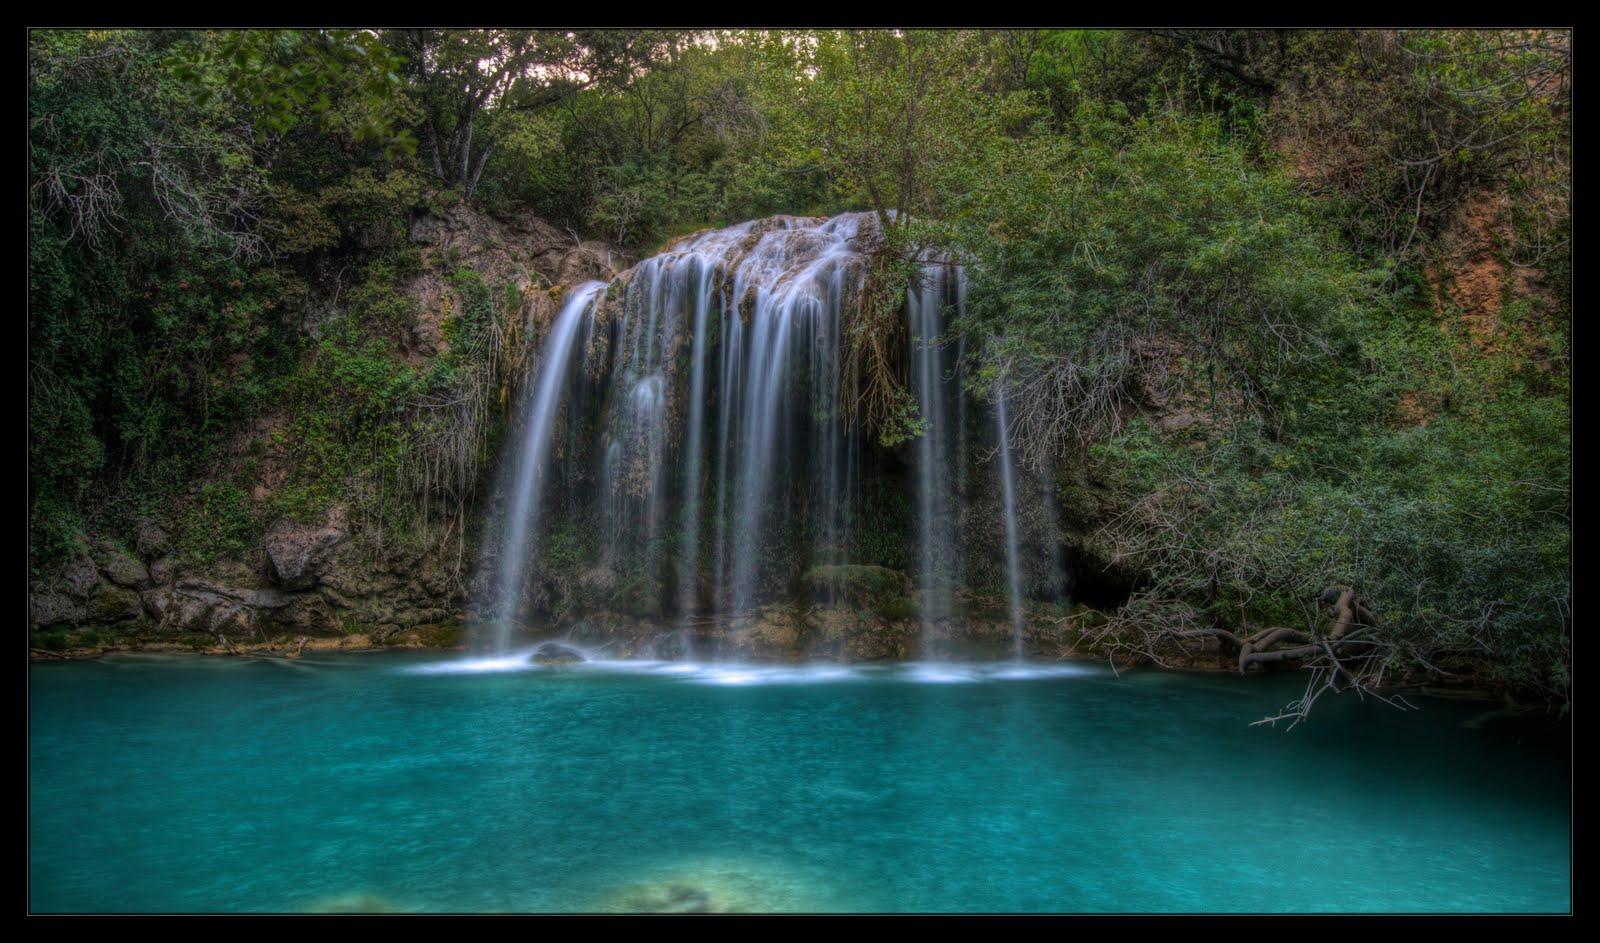 Mes premi res photos la cascade de sillans - Image de cascade ...